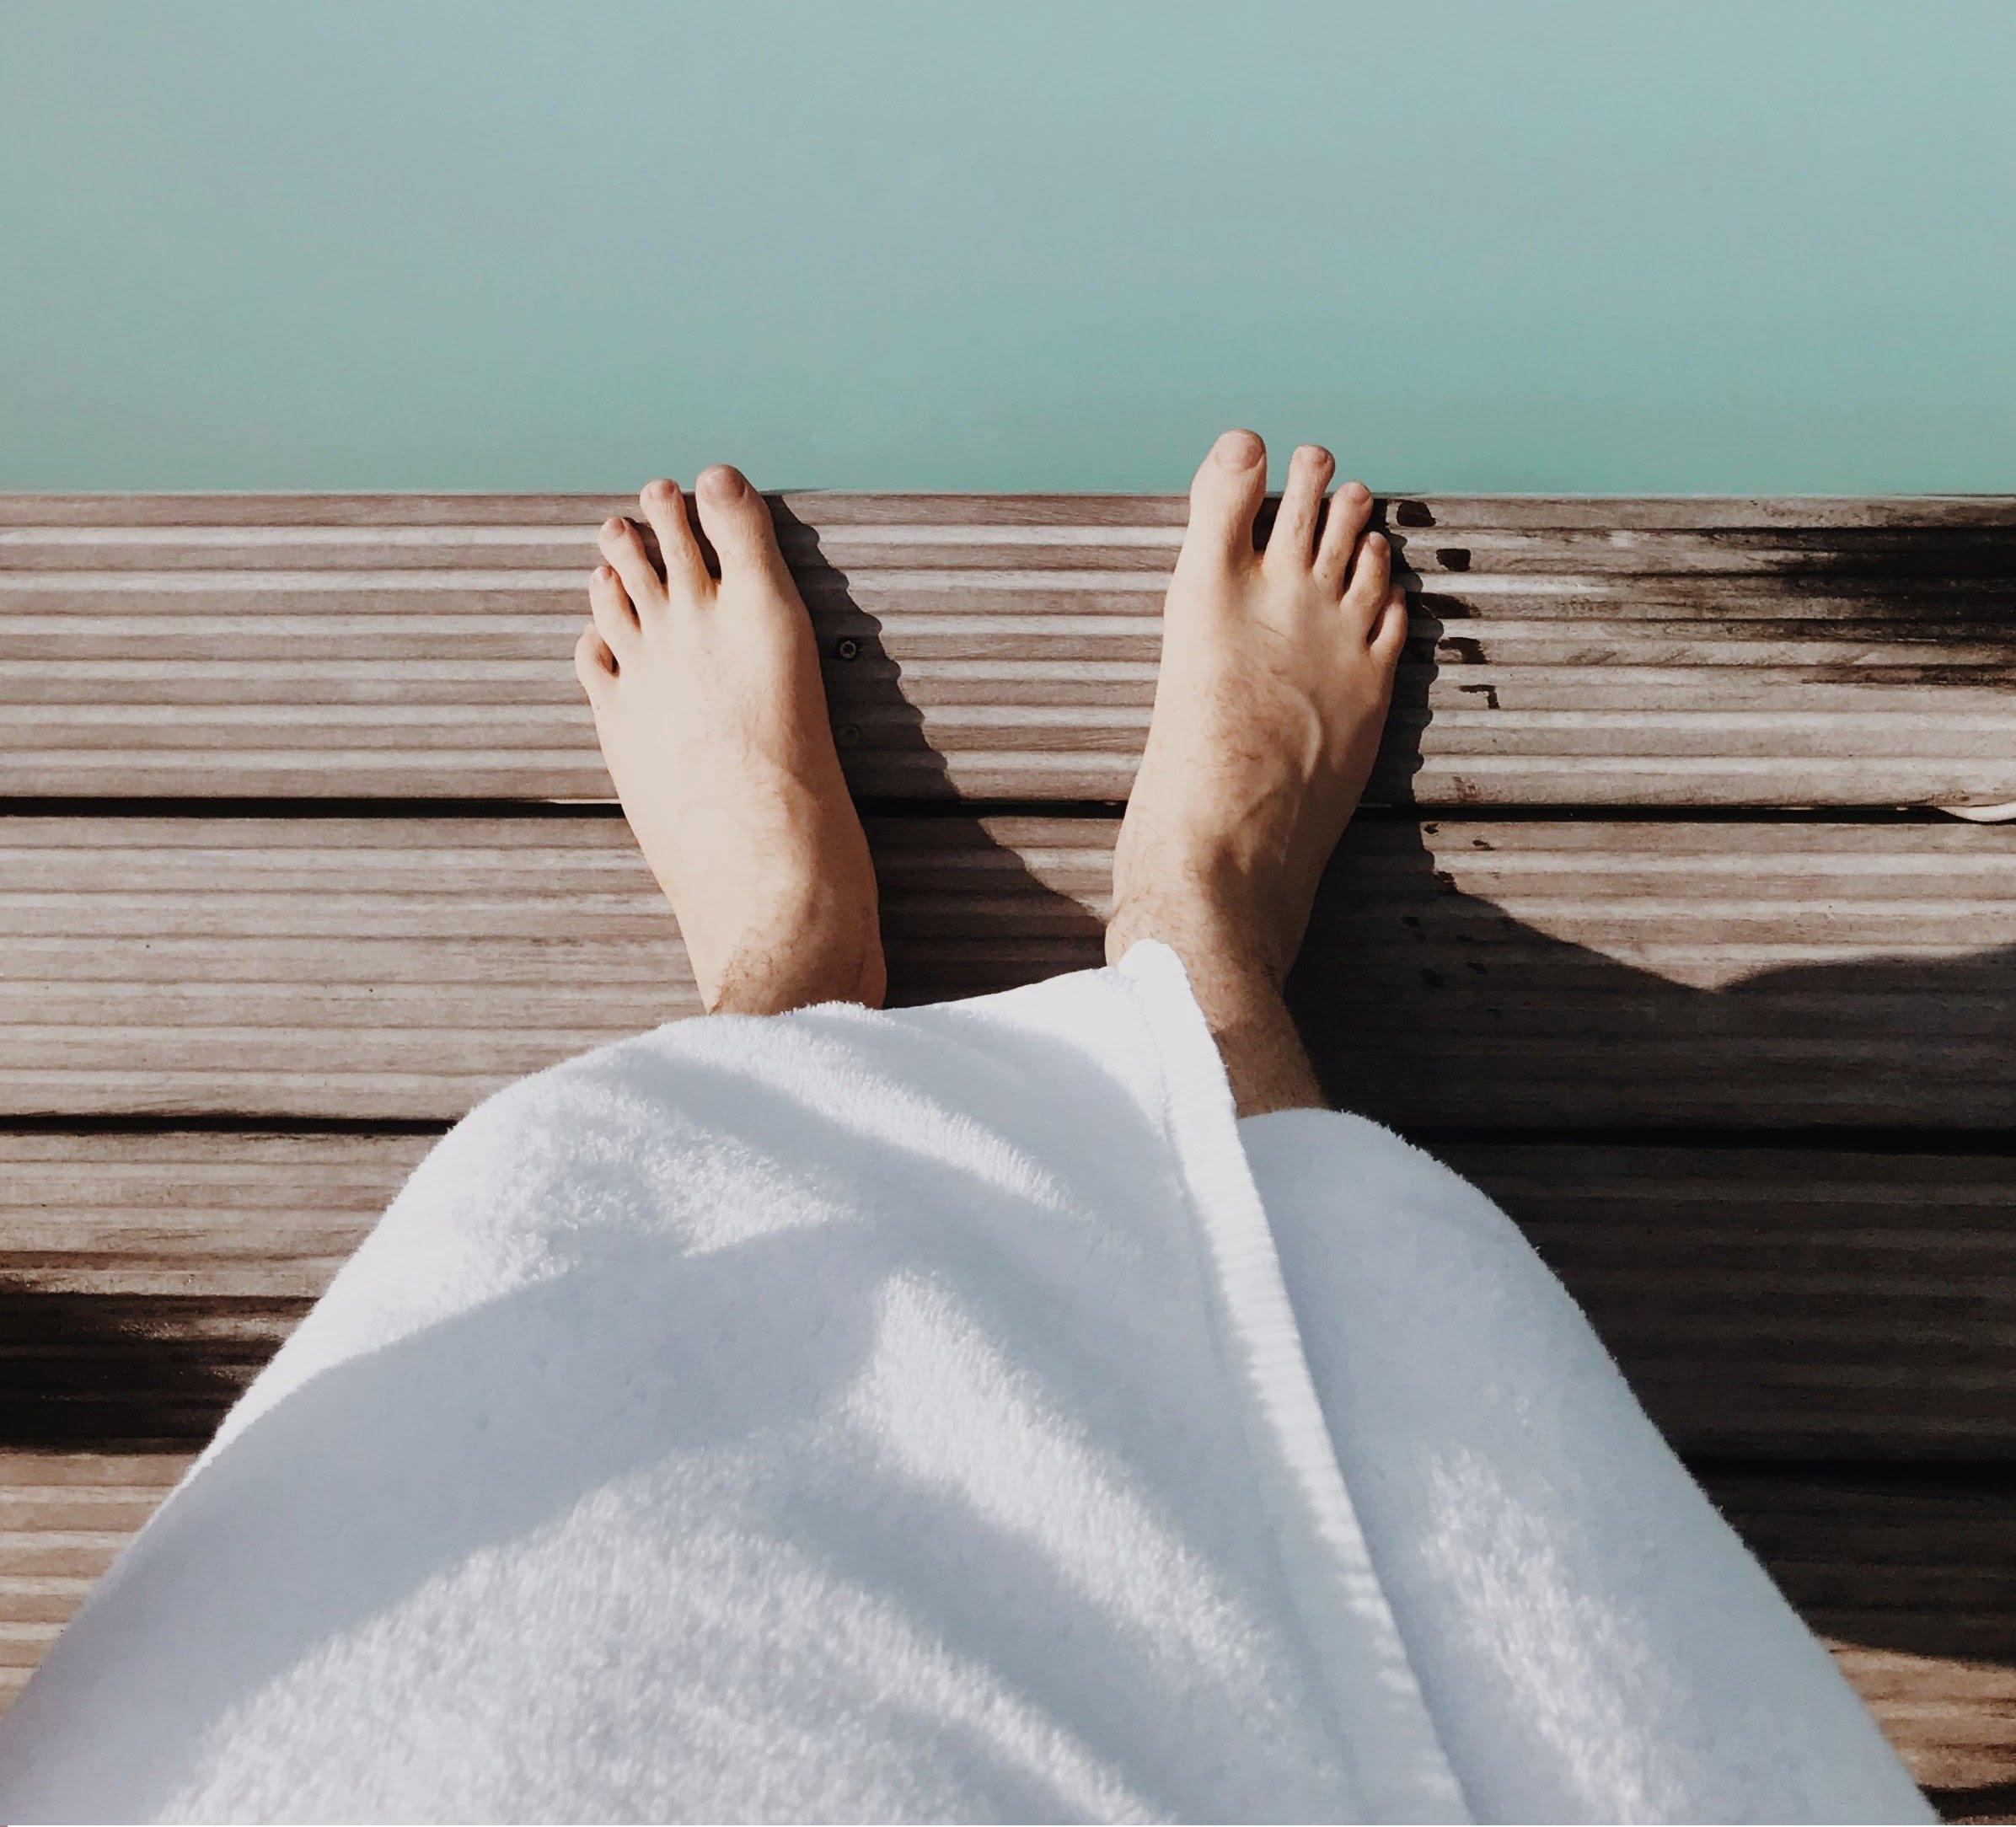 Domowe sposoby na pocenie się nóg – wskazówki